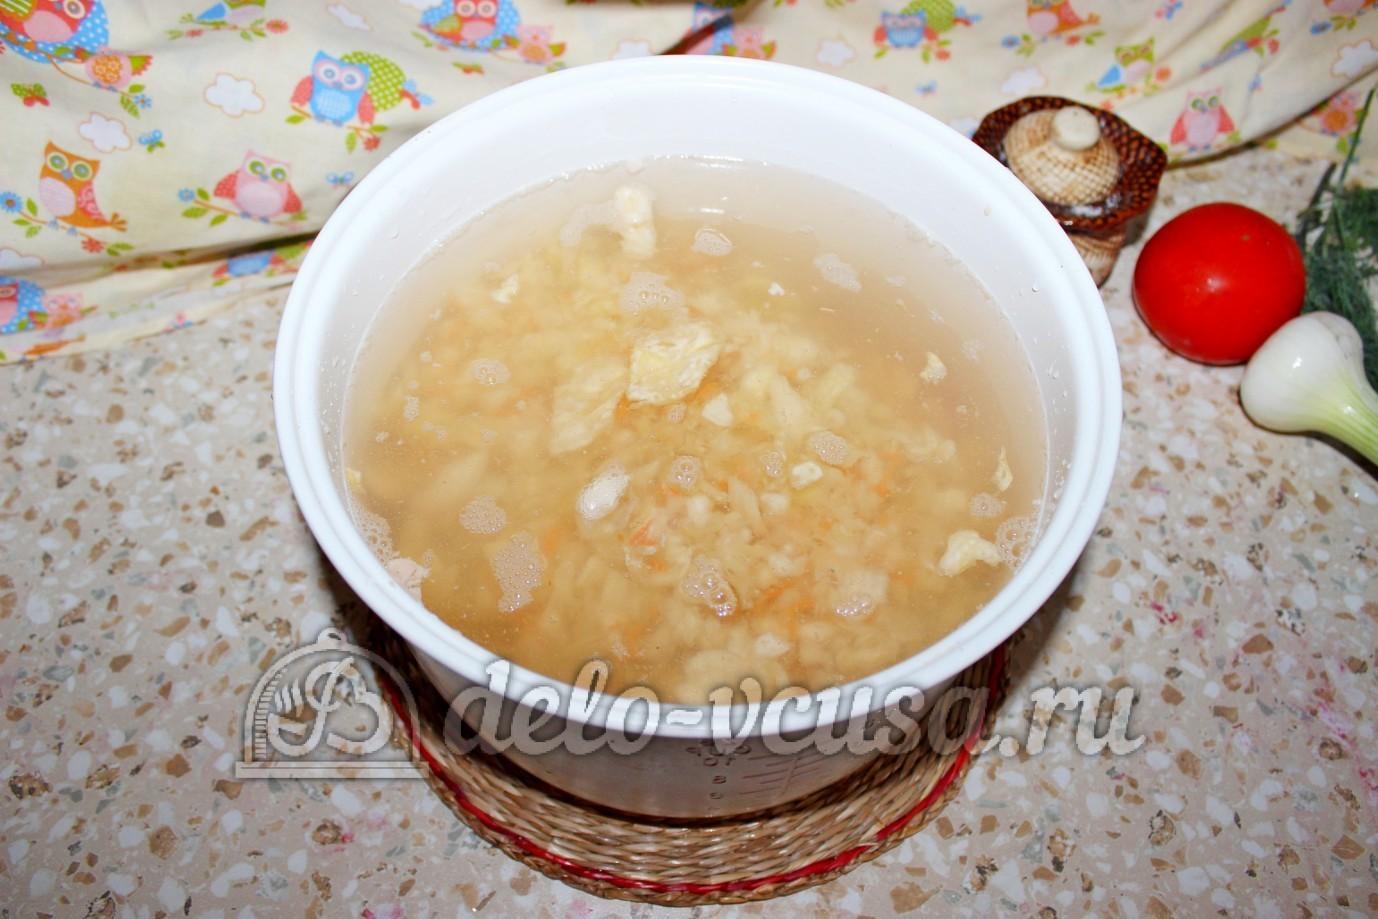 Щи с кислой капустой в мультиварке пошаговый рецепт с фото